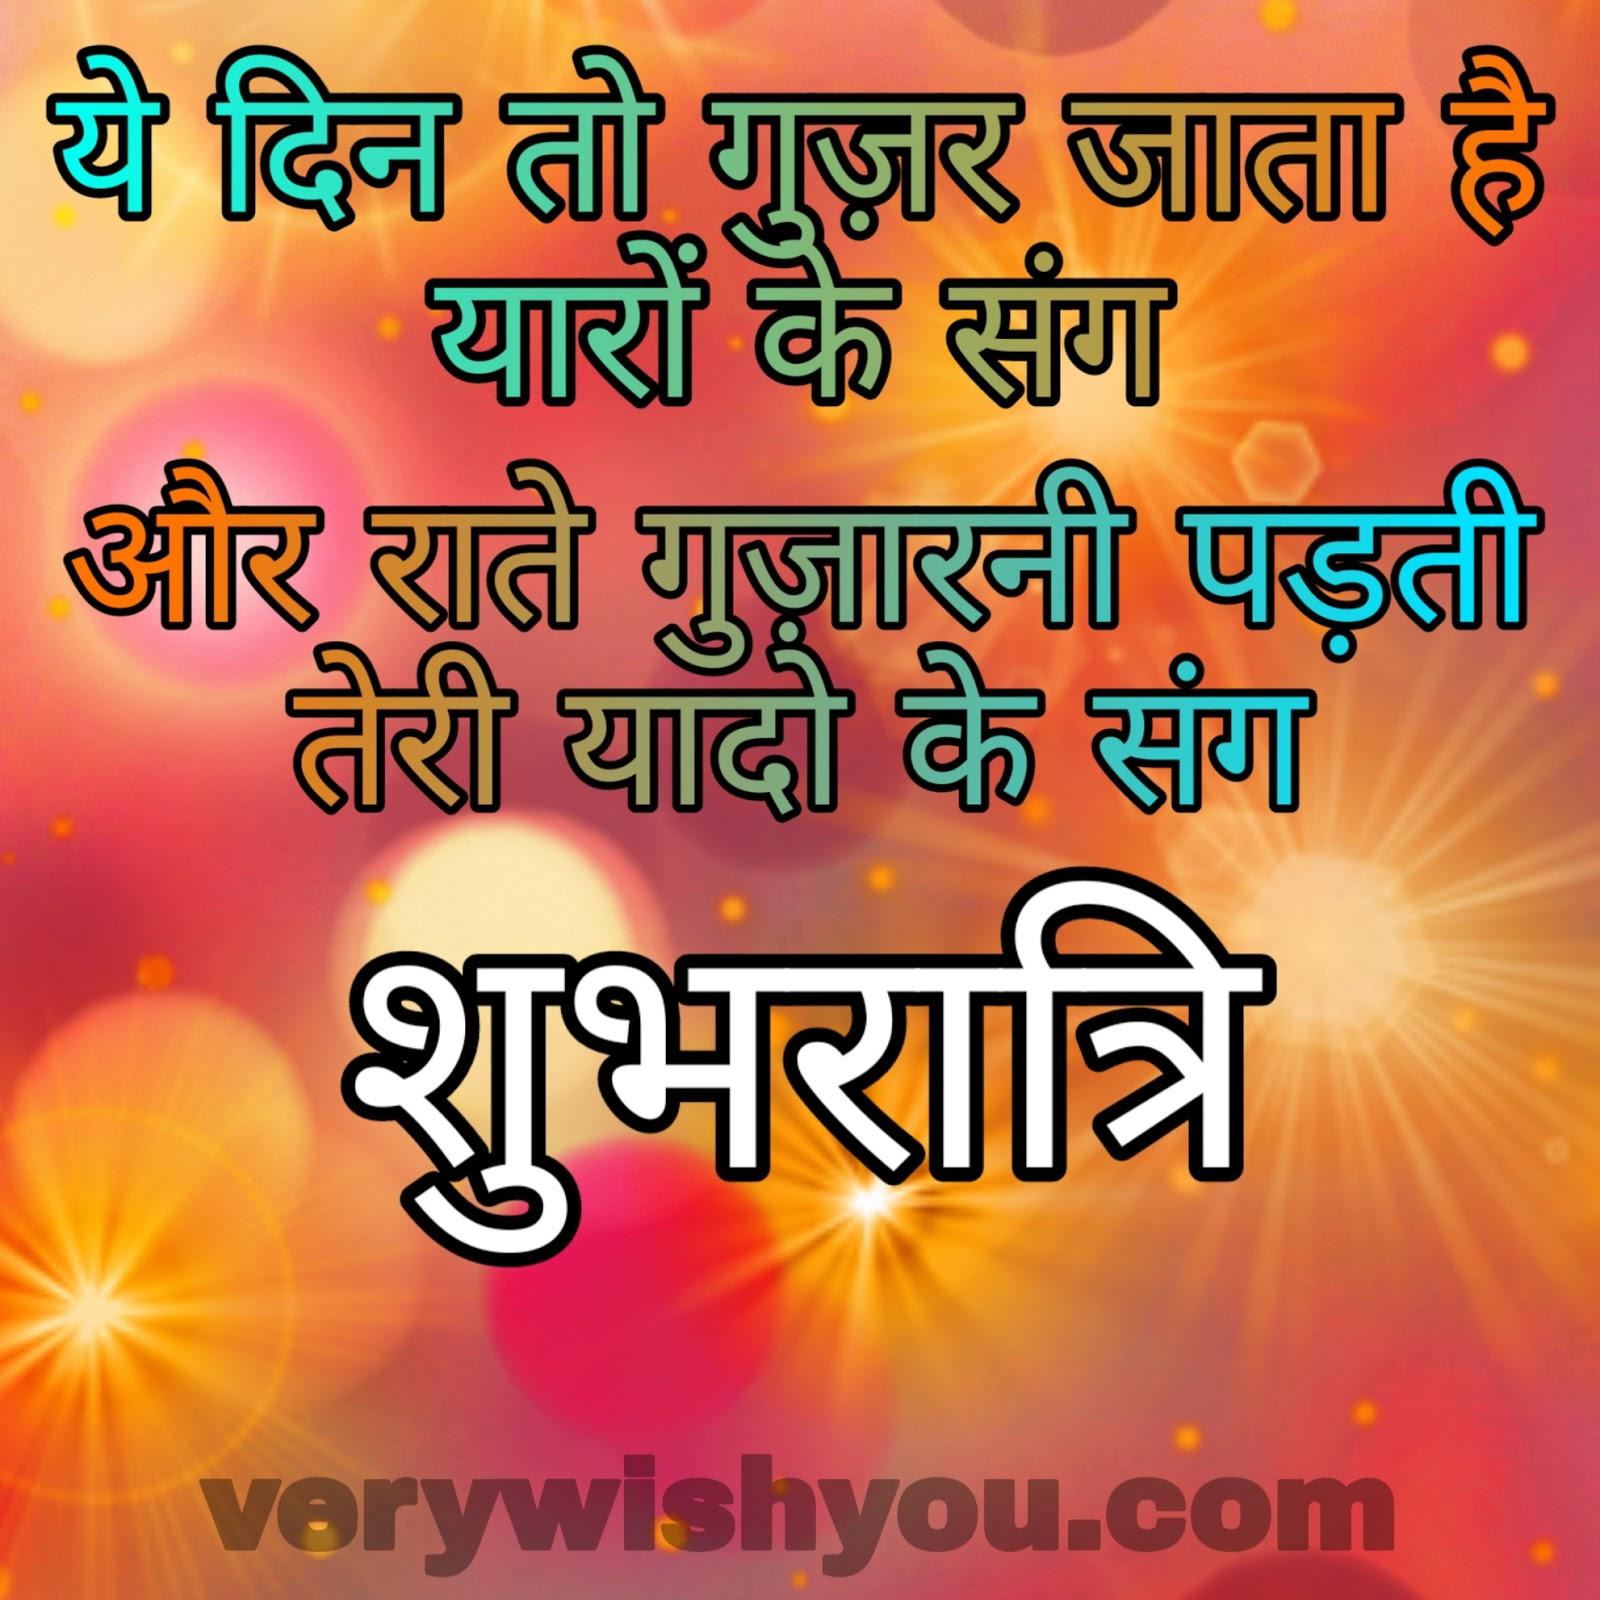 good night shayari in hindi image